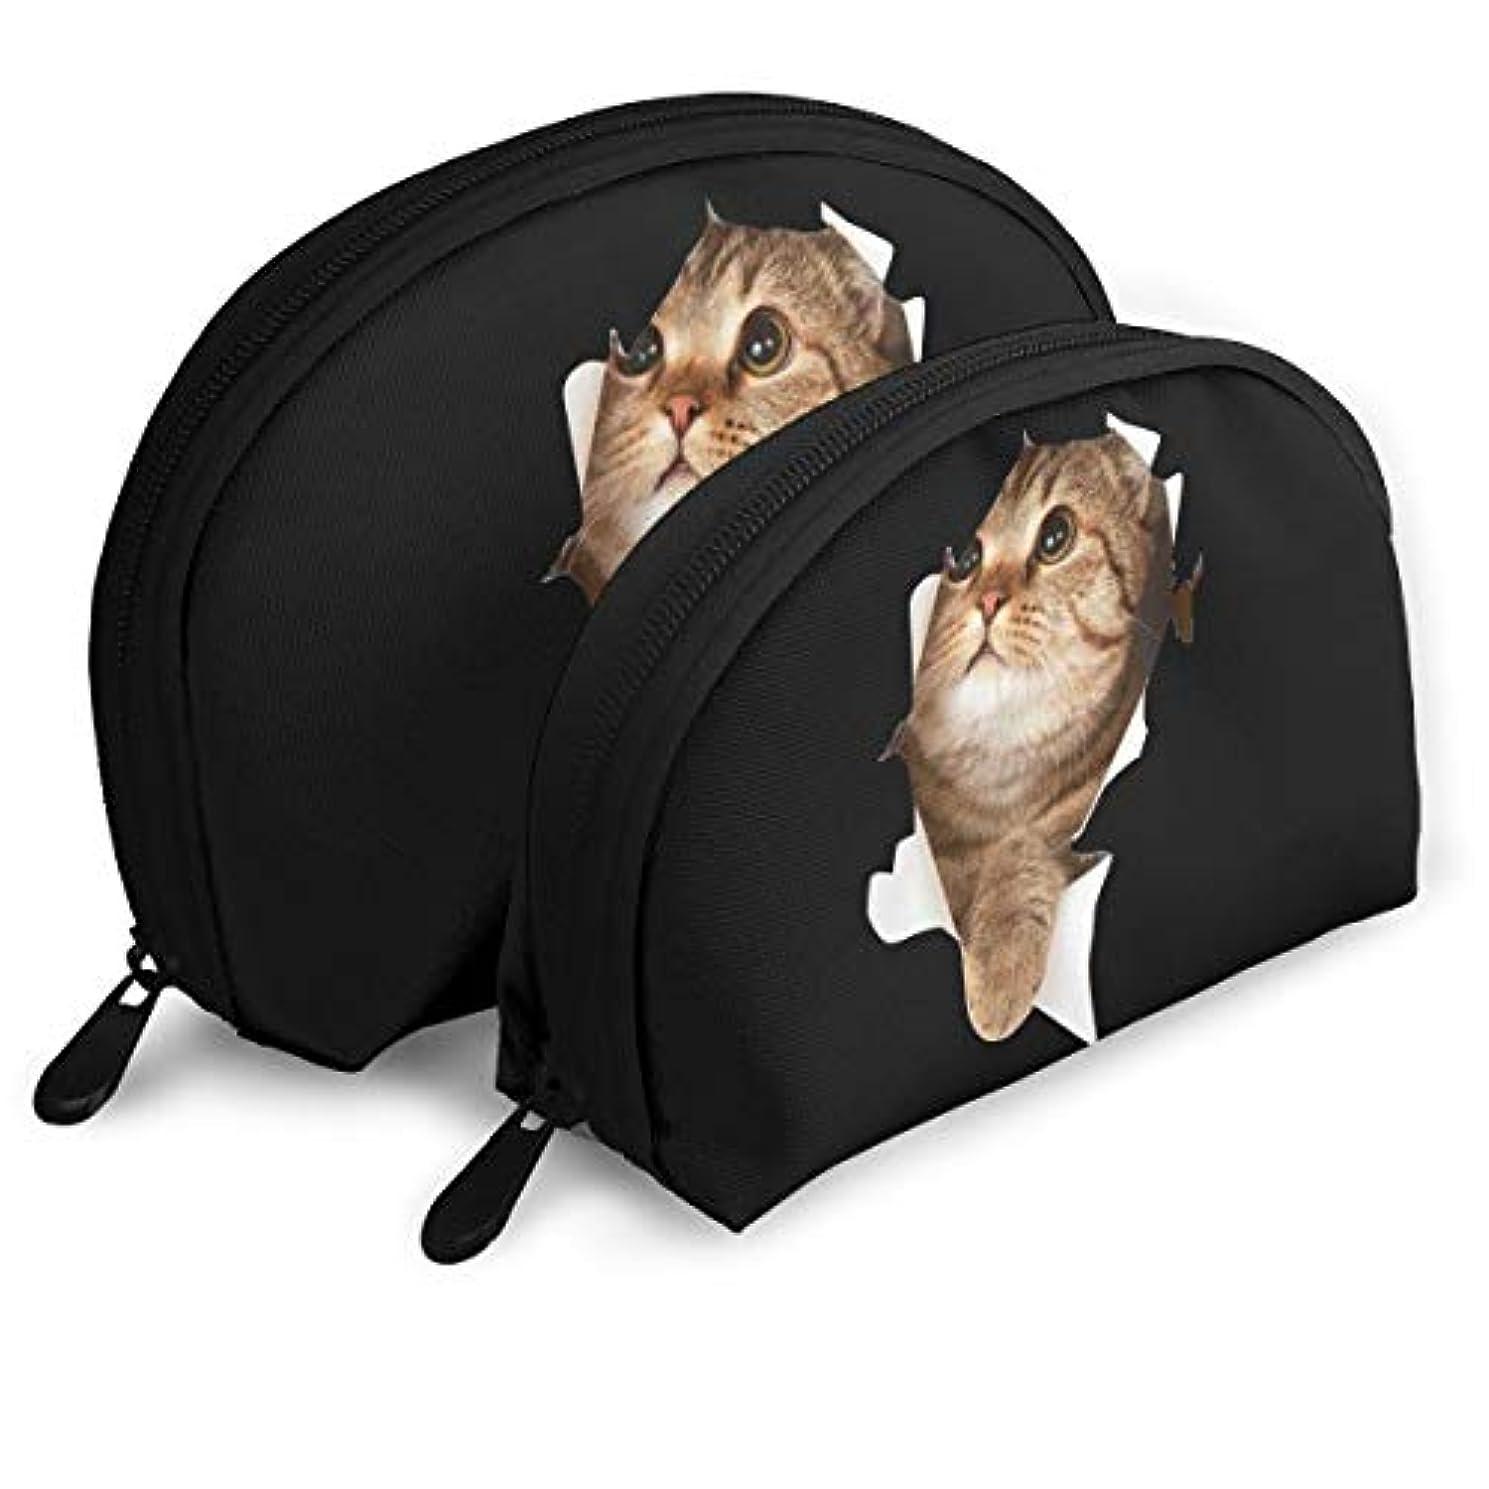 ホーン規定暴露スコティッシュフォールド 好奇の猫 かわいい メークバッグ 化粧ポーチ 化粧品収納 トイレタリーバッグ 旅行用ポーチ メイクポーチ 小物入れ 軽い 便利 ユニーク 2点セット レディース